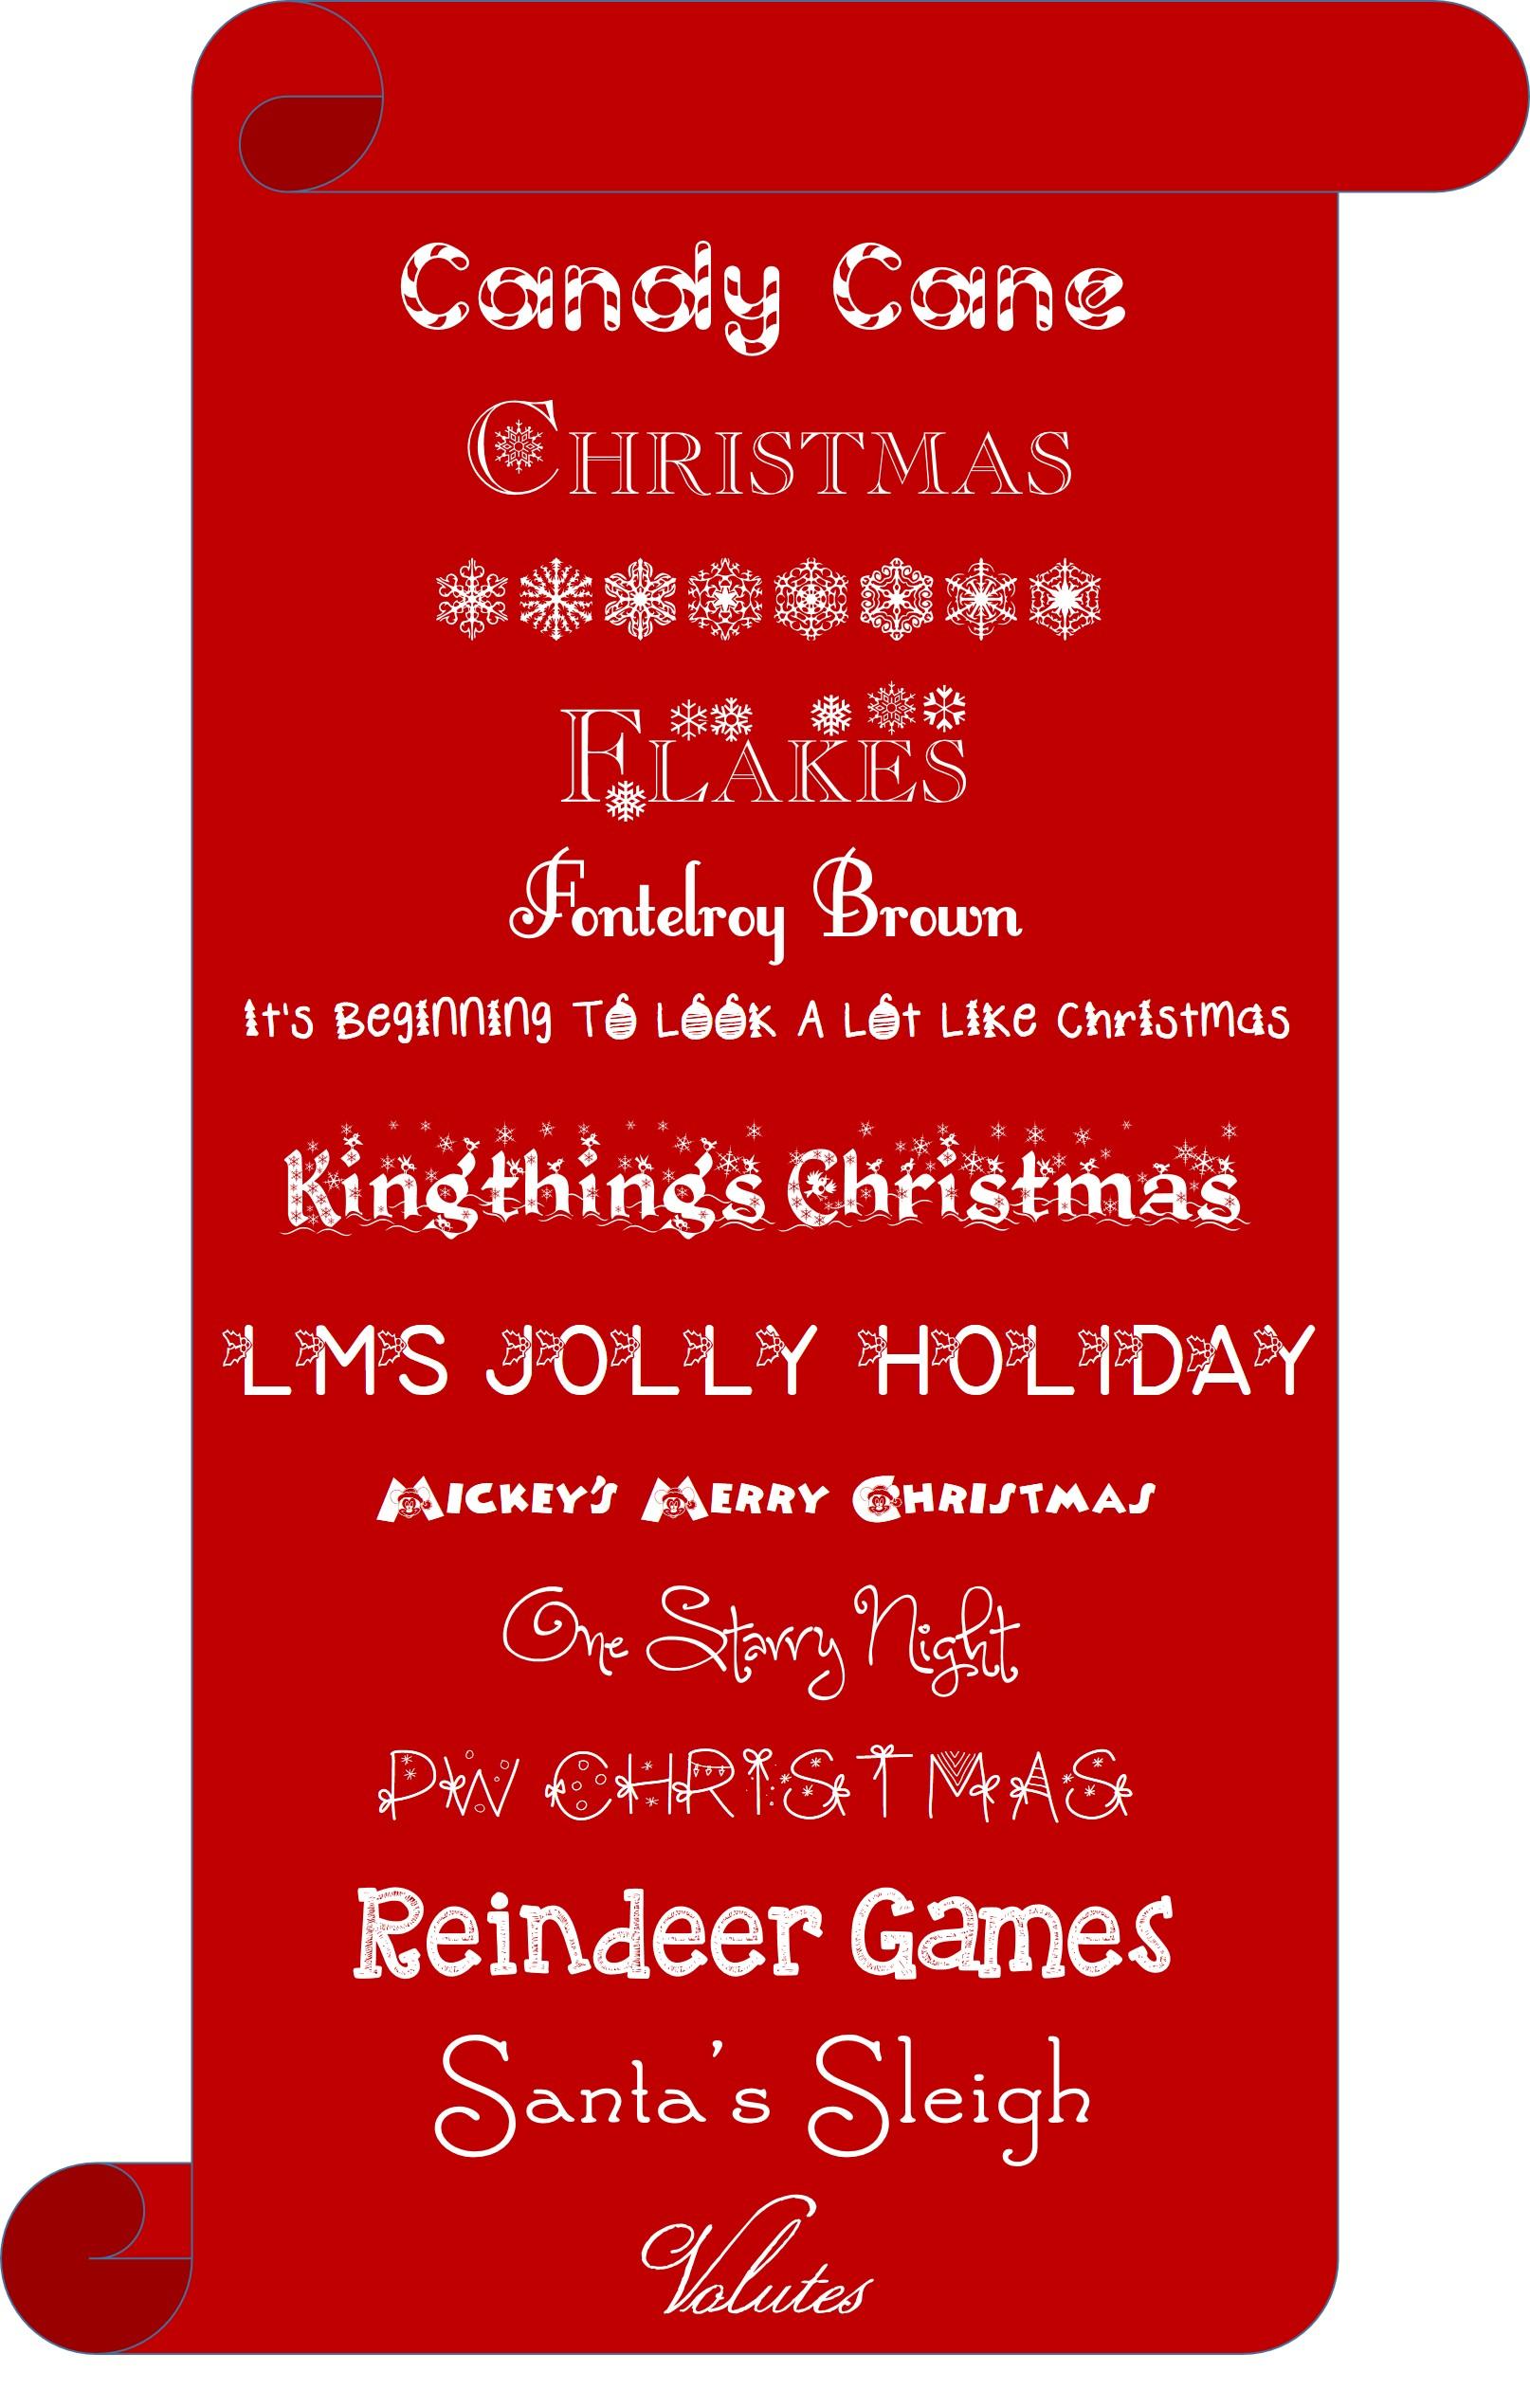 Christmas_Fonts-